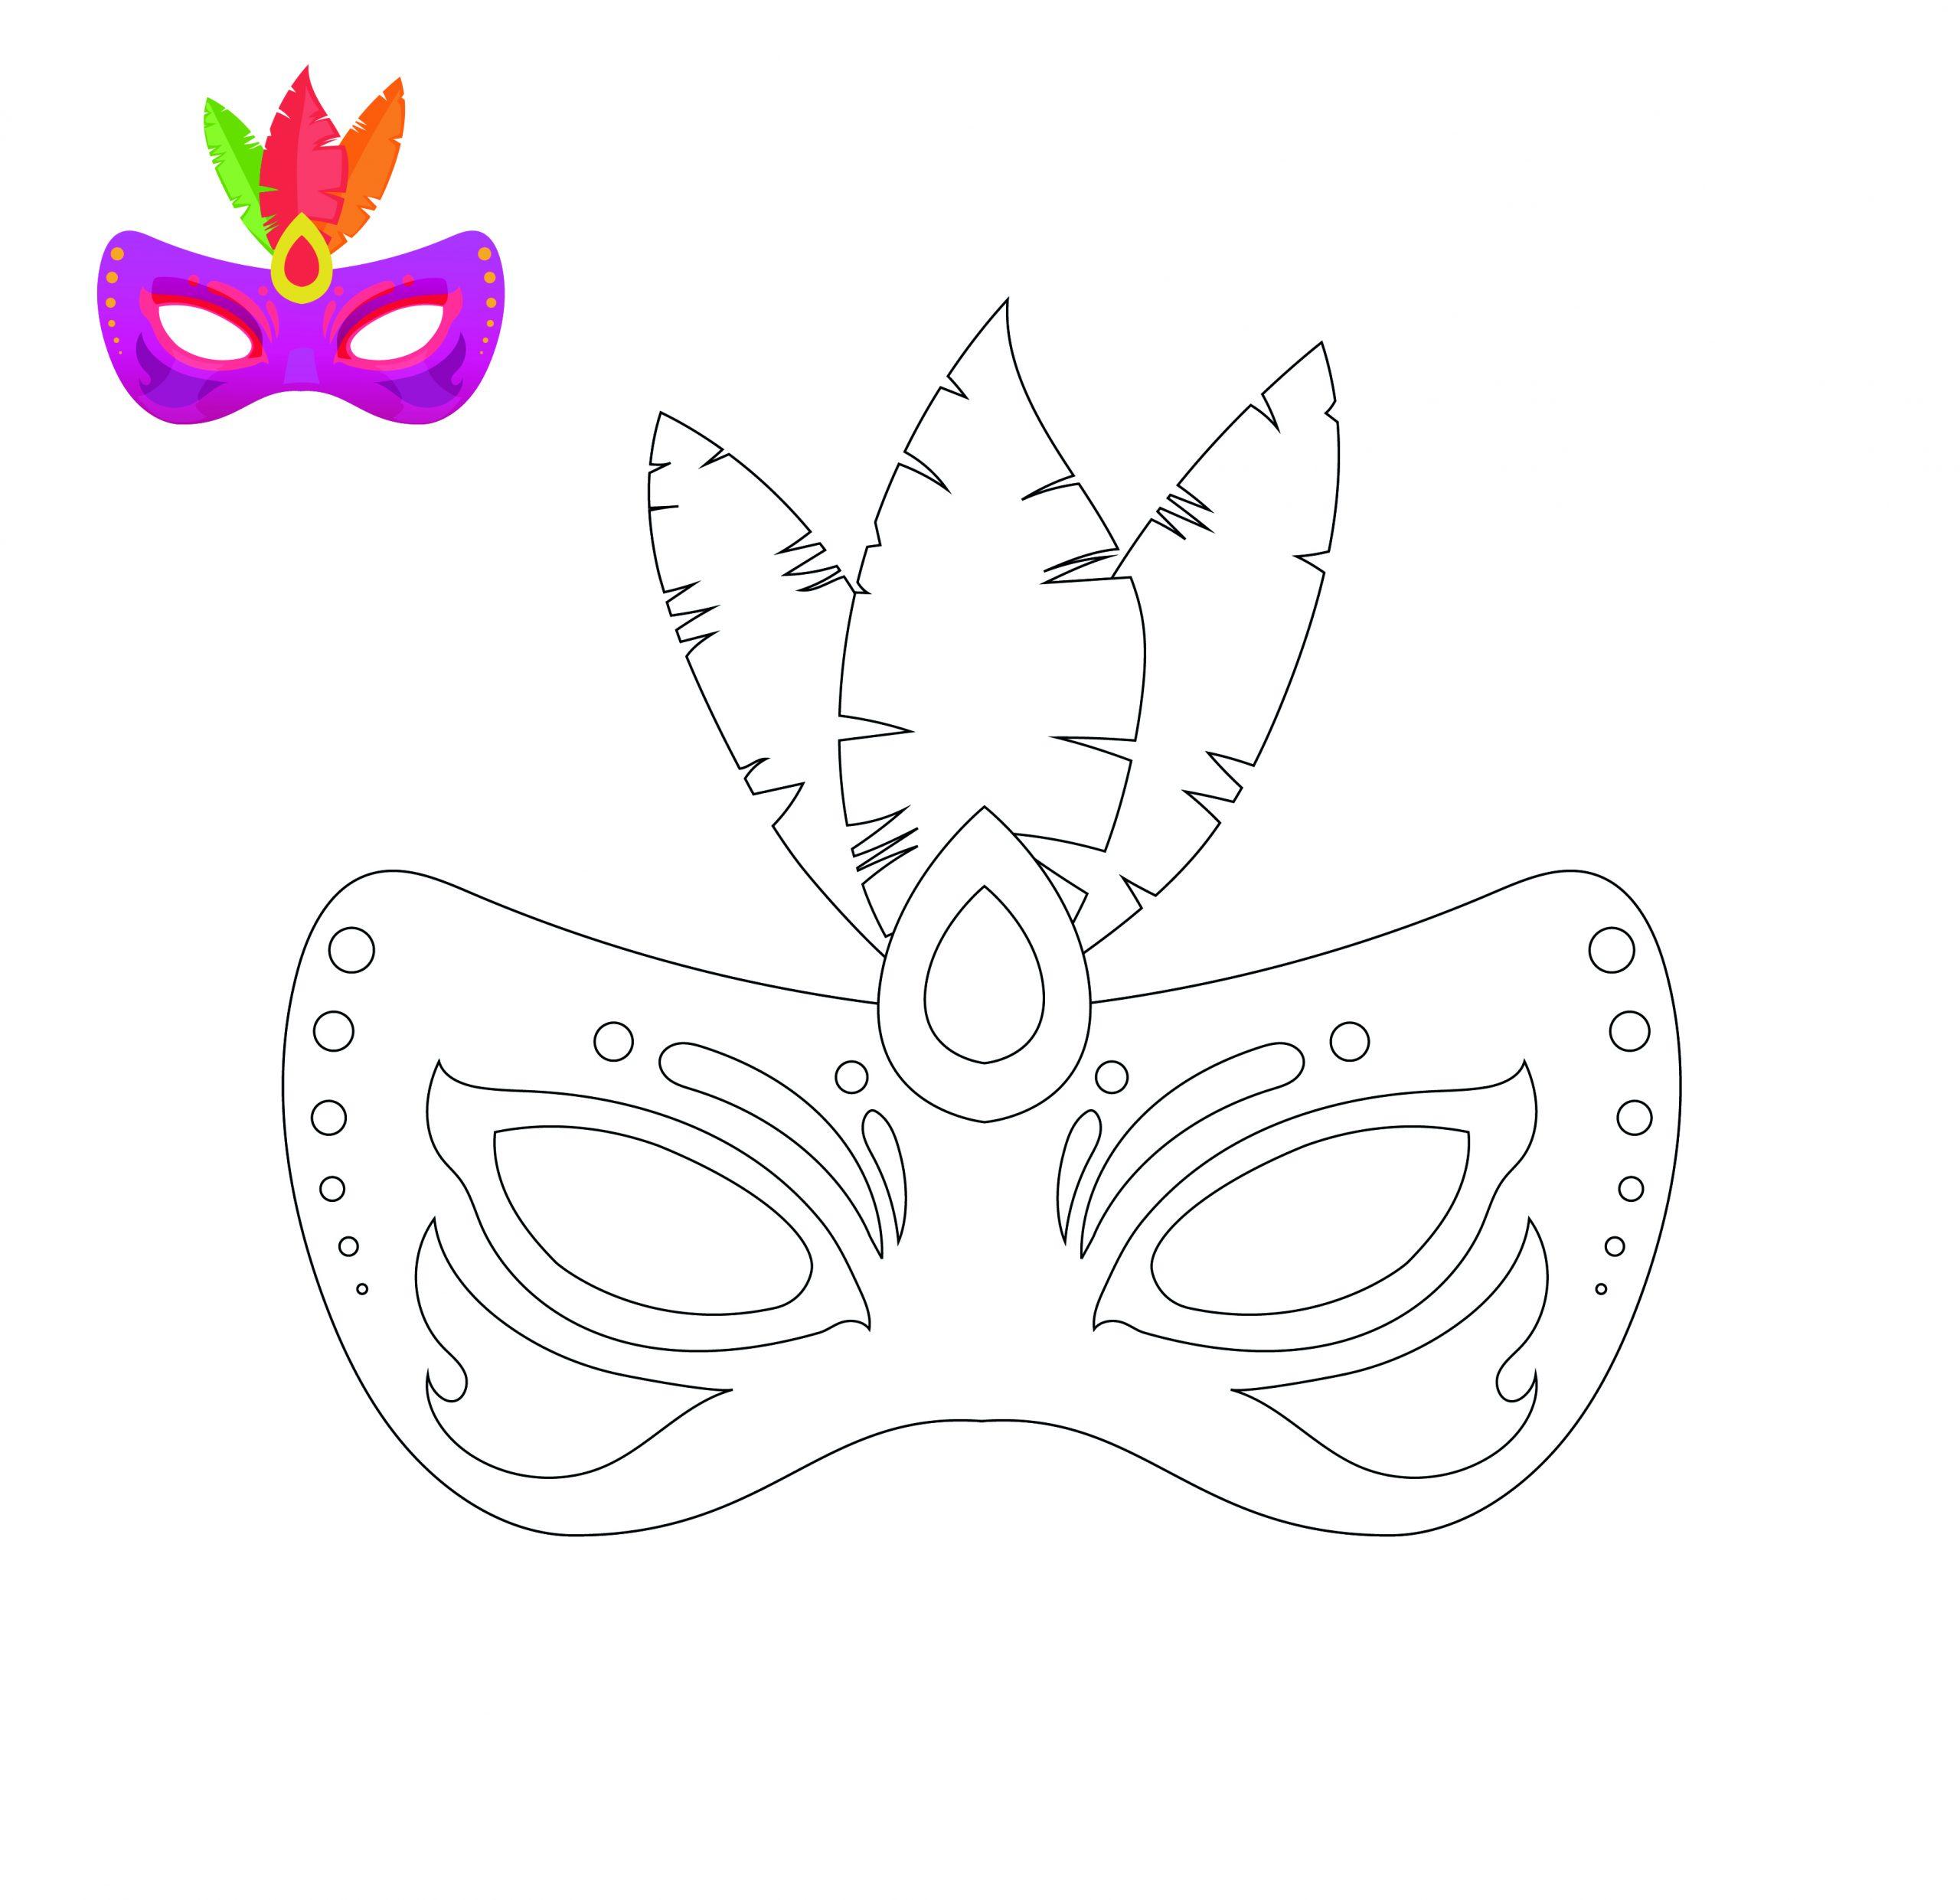 Ausmalbilder, Malvorlagen & Malbücher Sofort Kostenlos für Masken Zum Ausmalen